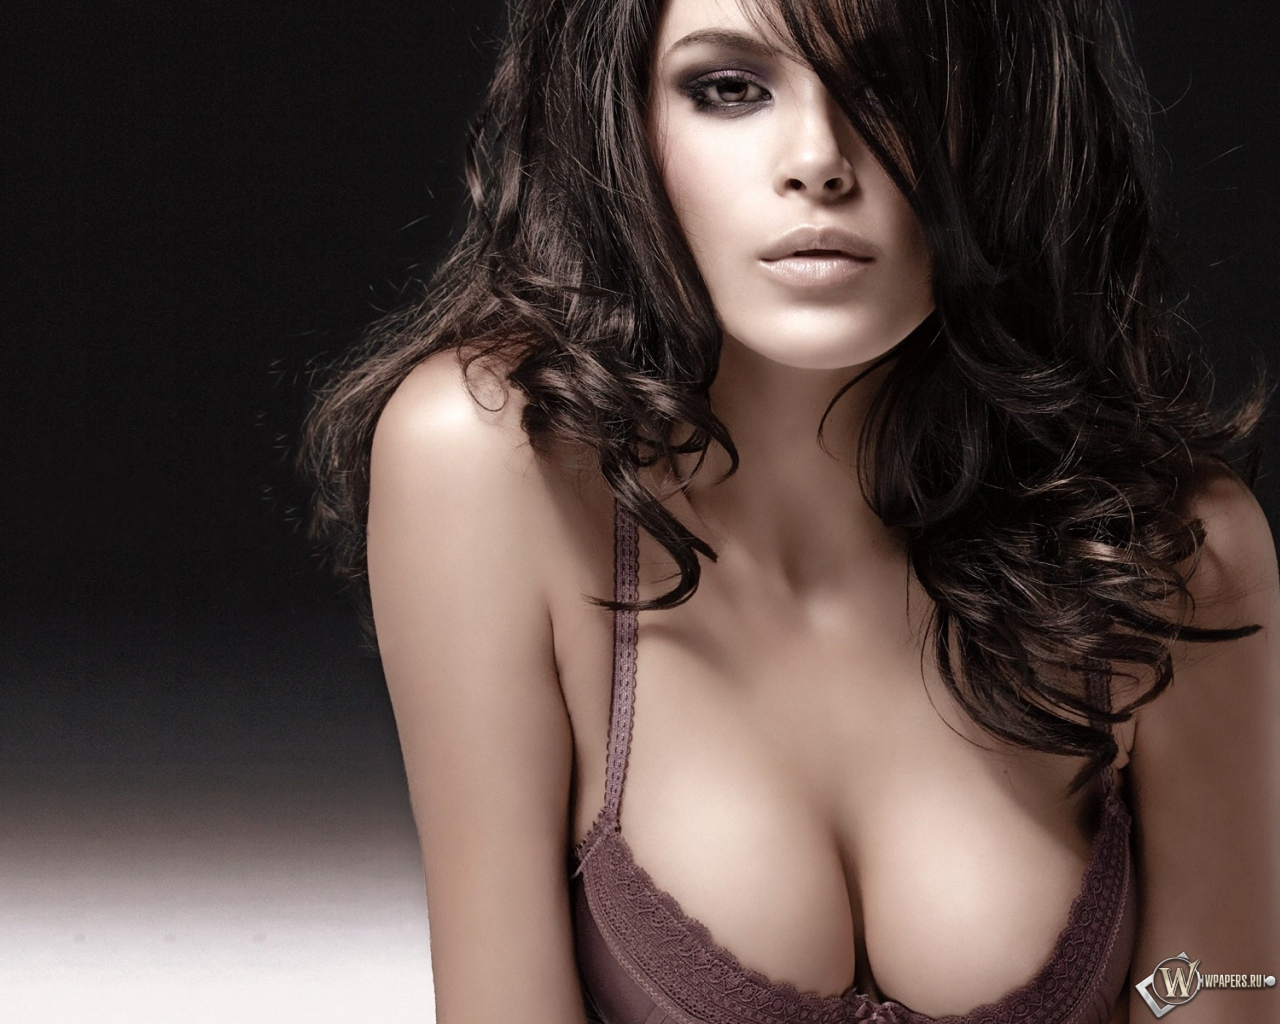 Тайные снимки женской груди 15 фотография